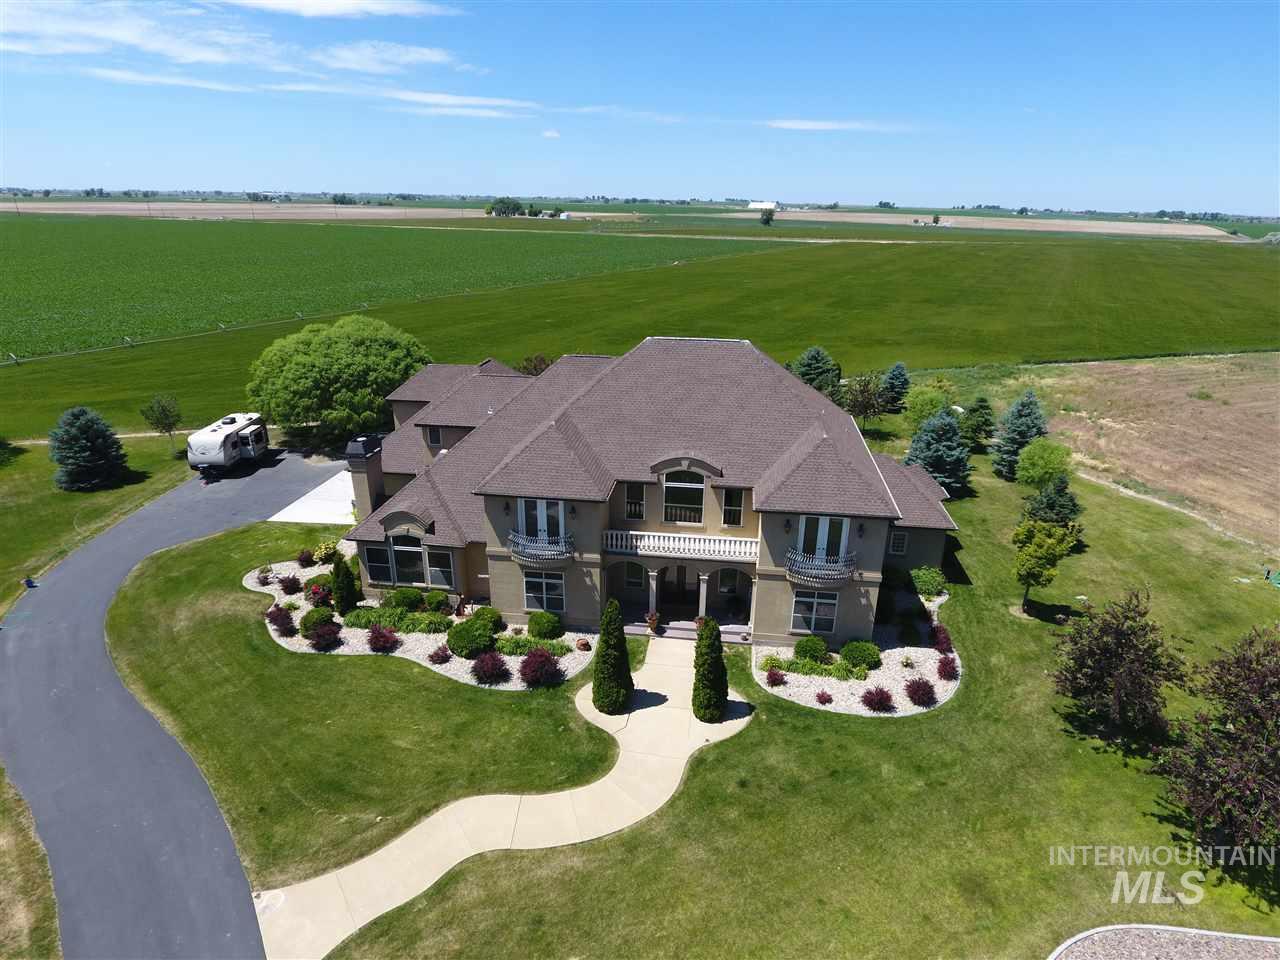 独户住宅 为 销售 在 2171 Eagle Crest Drive 2171 Eagle Crest Drive Filer, 爱达荷州 83328